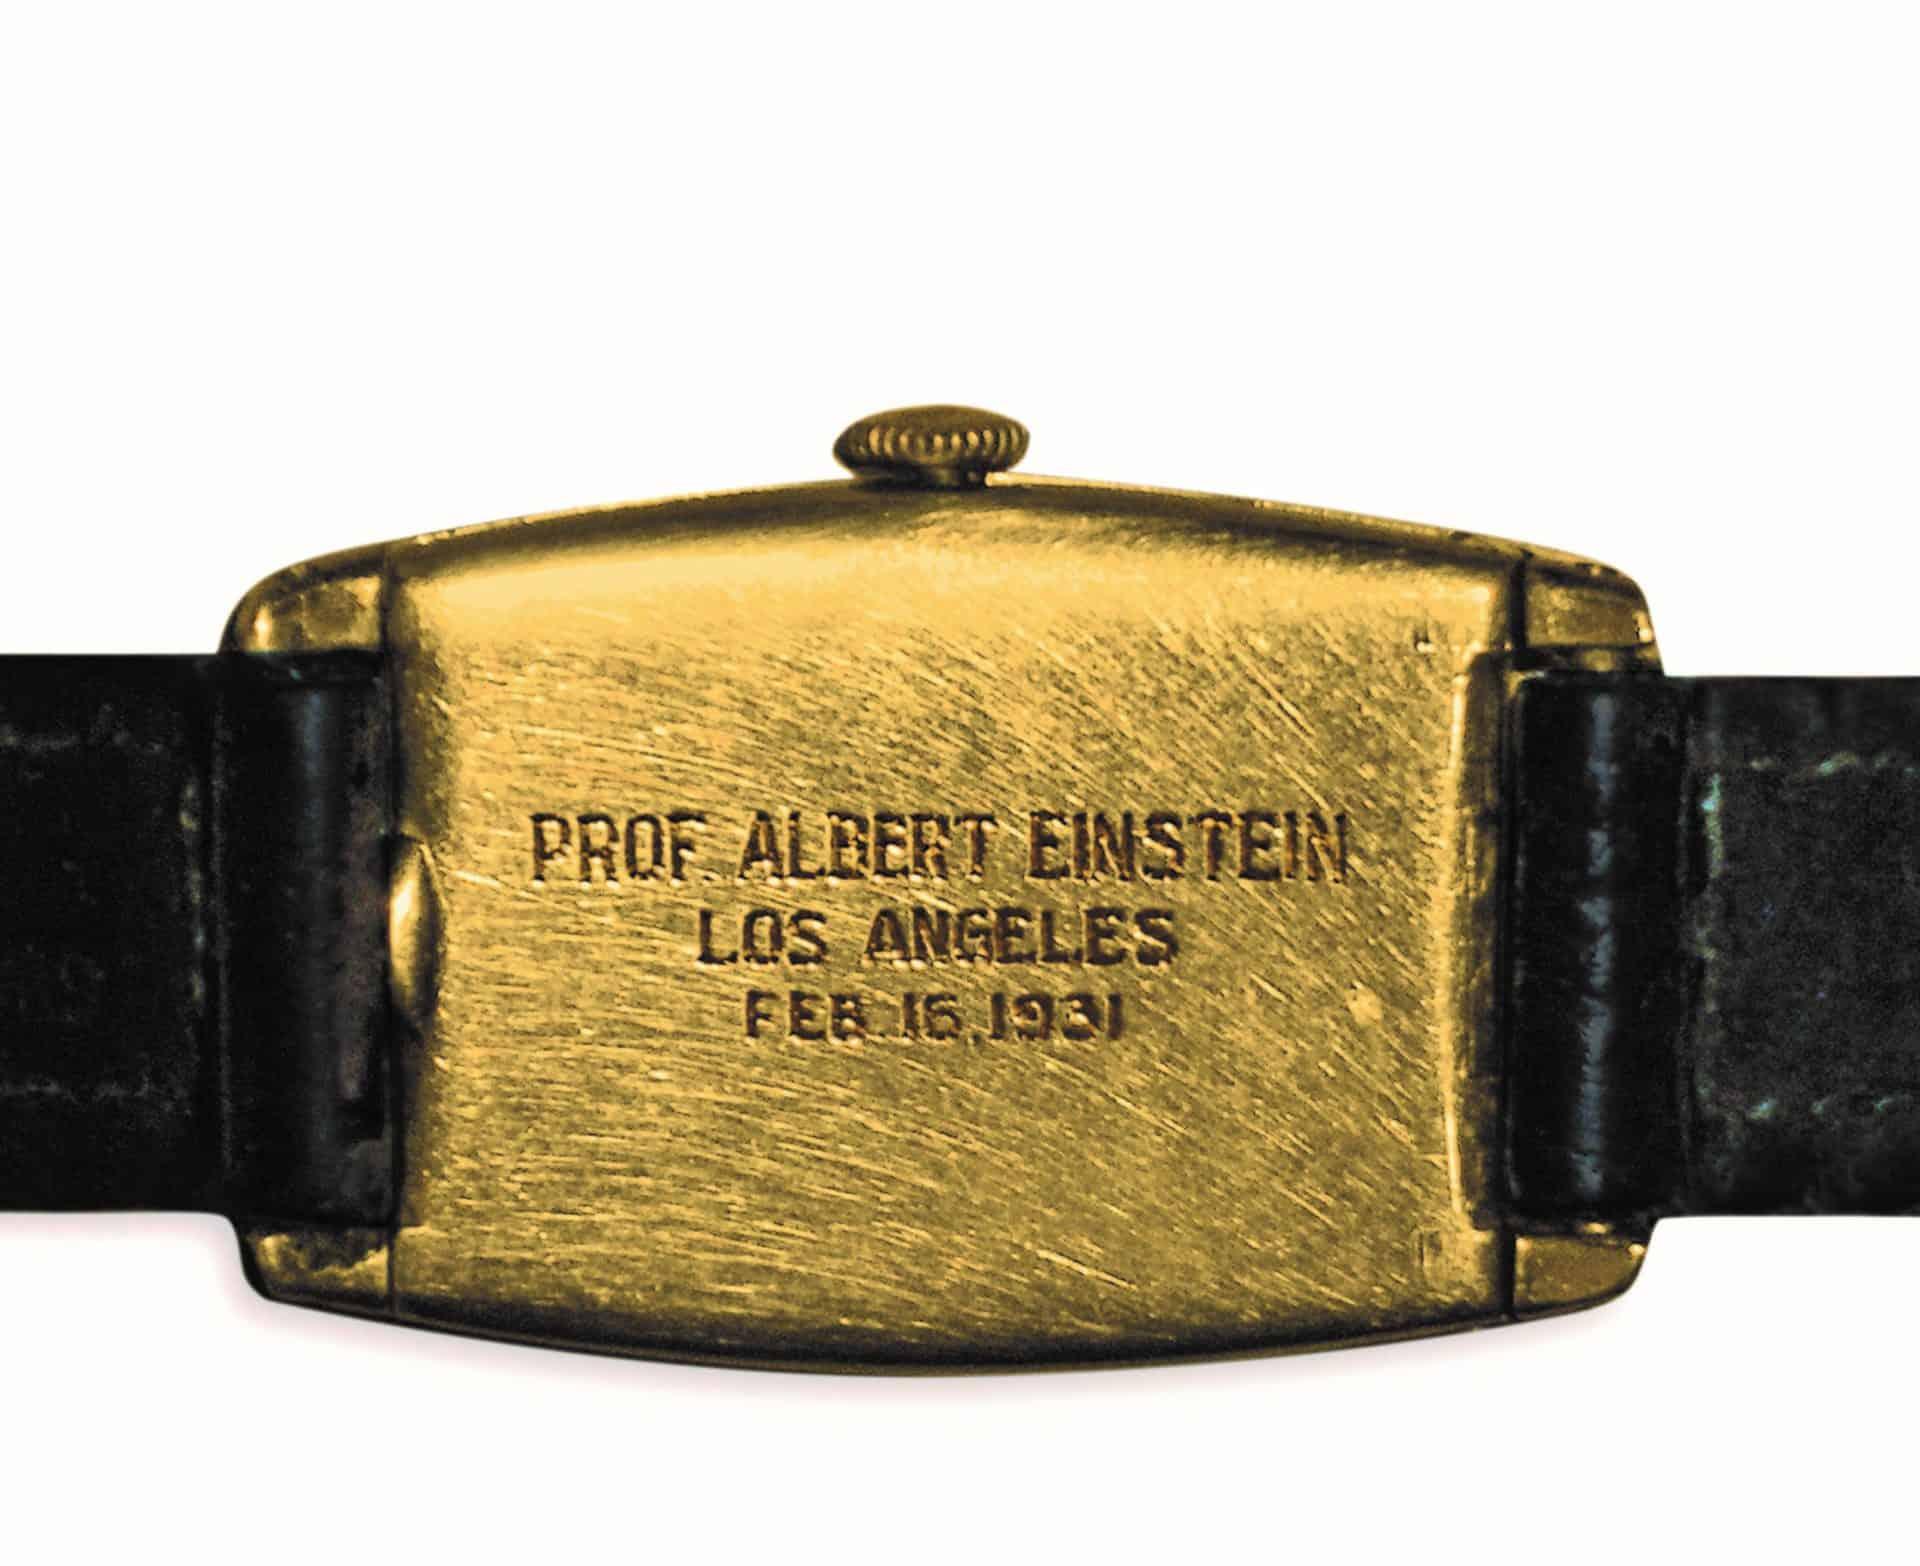 Die schlichte Inschrift hält fest, dass Einstein am 16. Februar 1931 die Uhr geschenkt bekam. Ob er geahnt hat, was sie einmal wert sein würde?